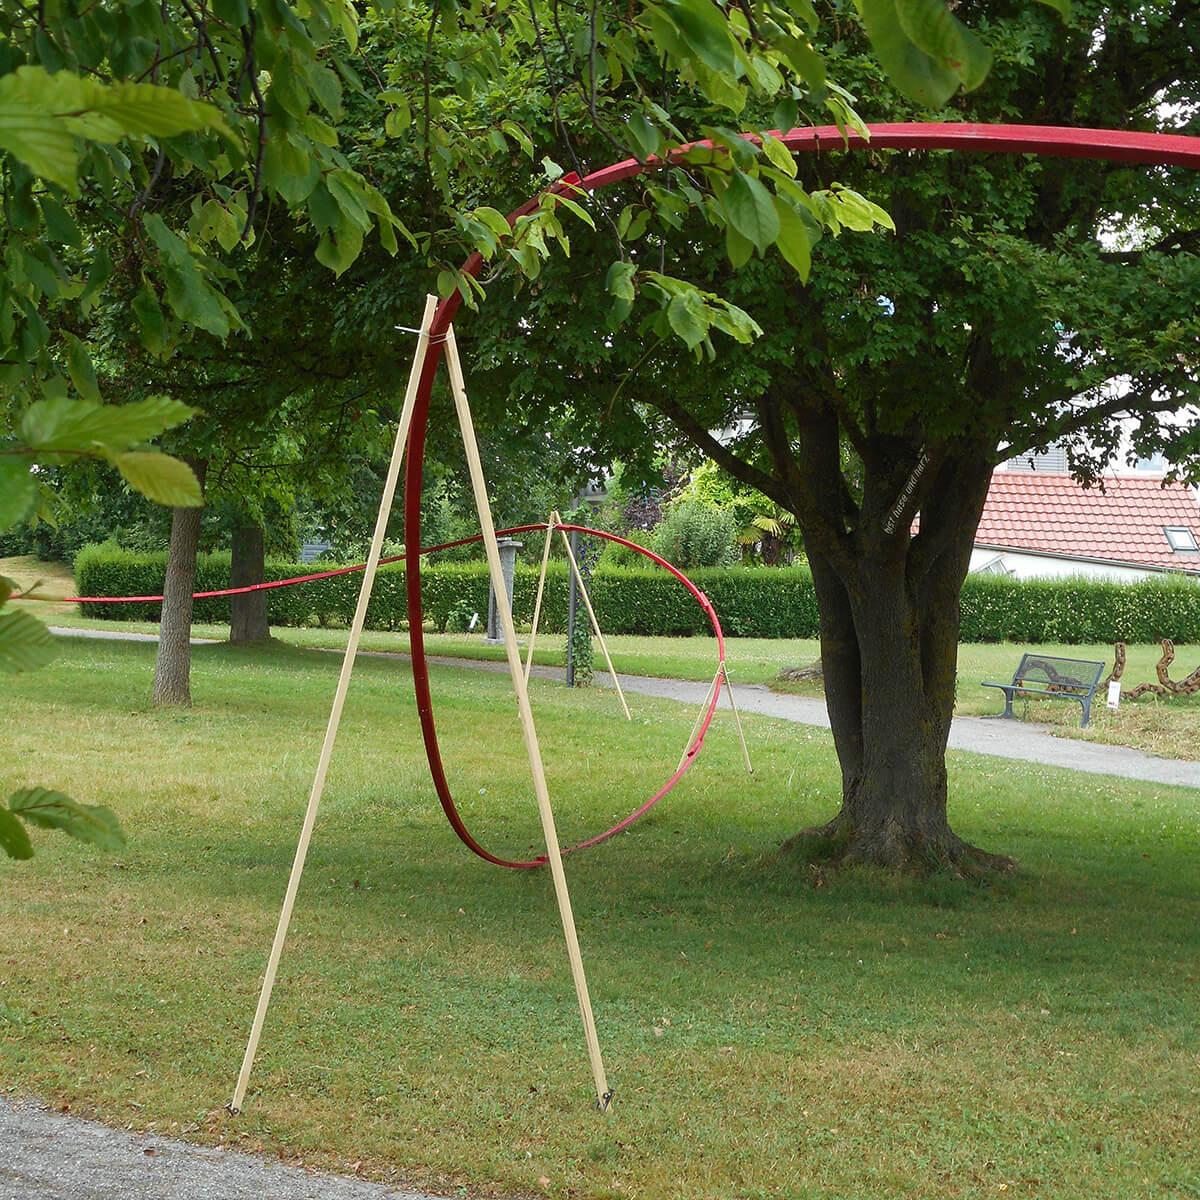 Barbara Jäger OMI Riesterer Gemeinsame öffentliche Werke Die rote Linie Skulpturen Ausstellung Allensbach